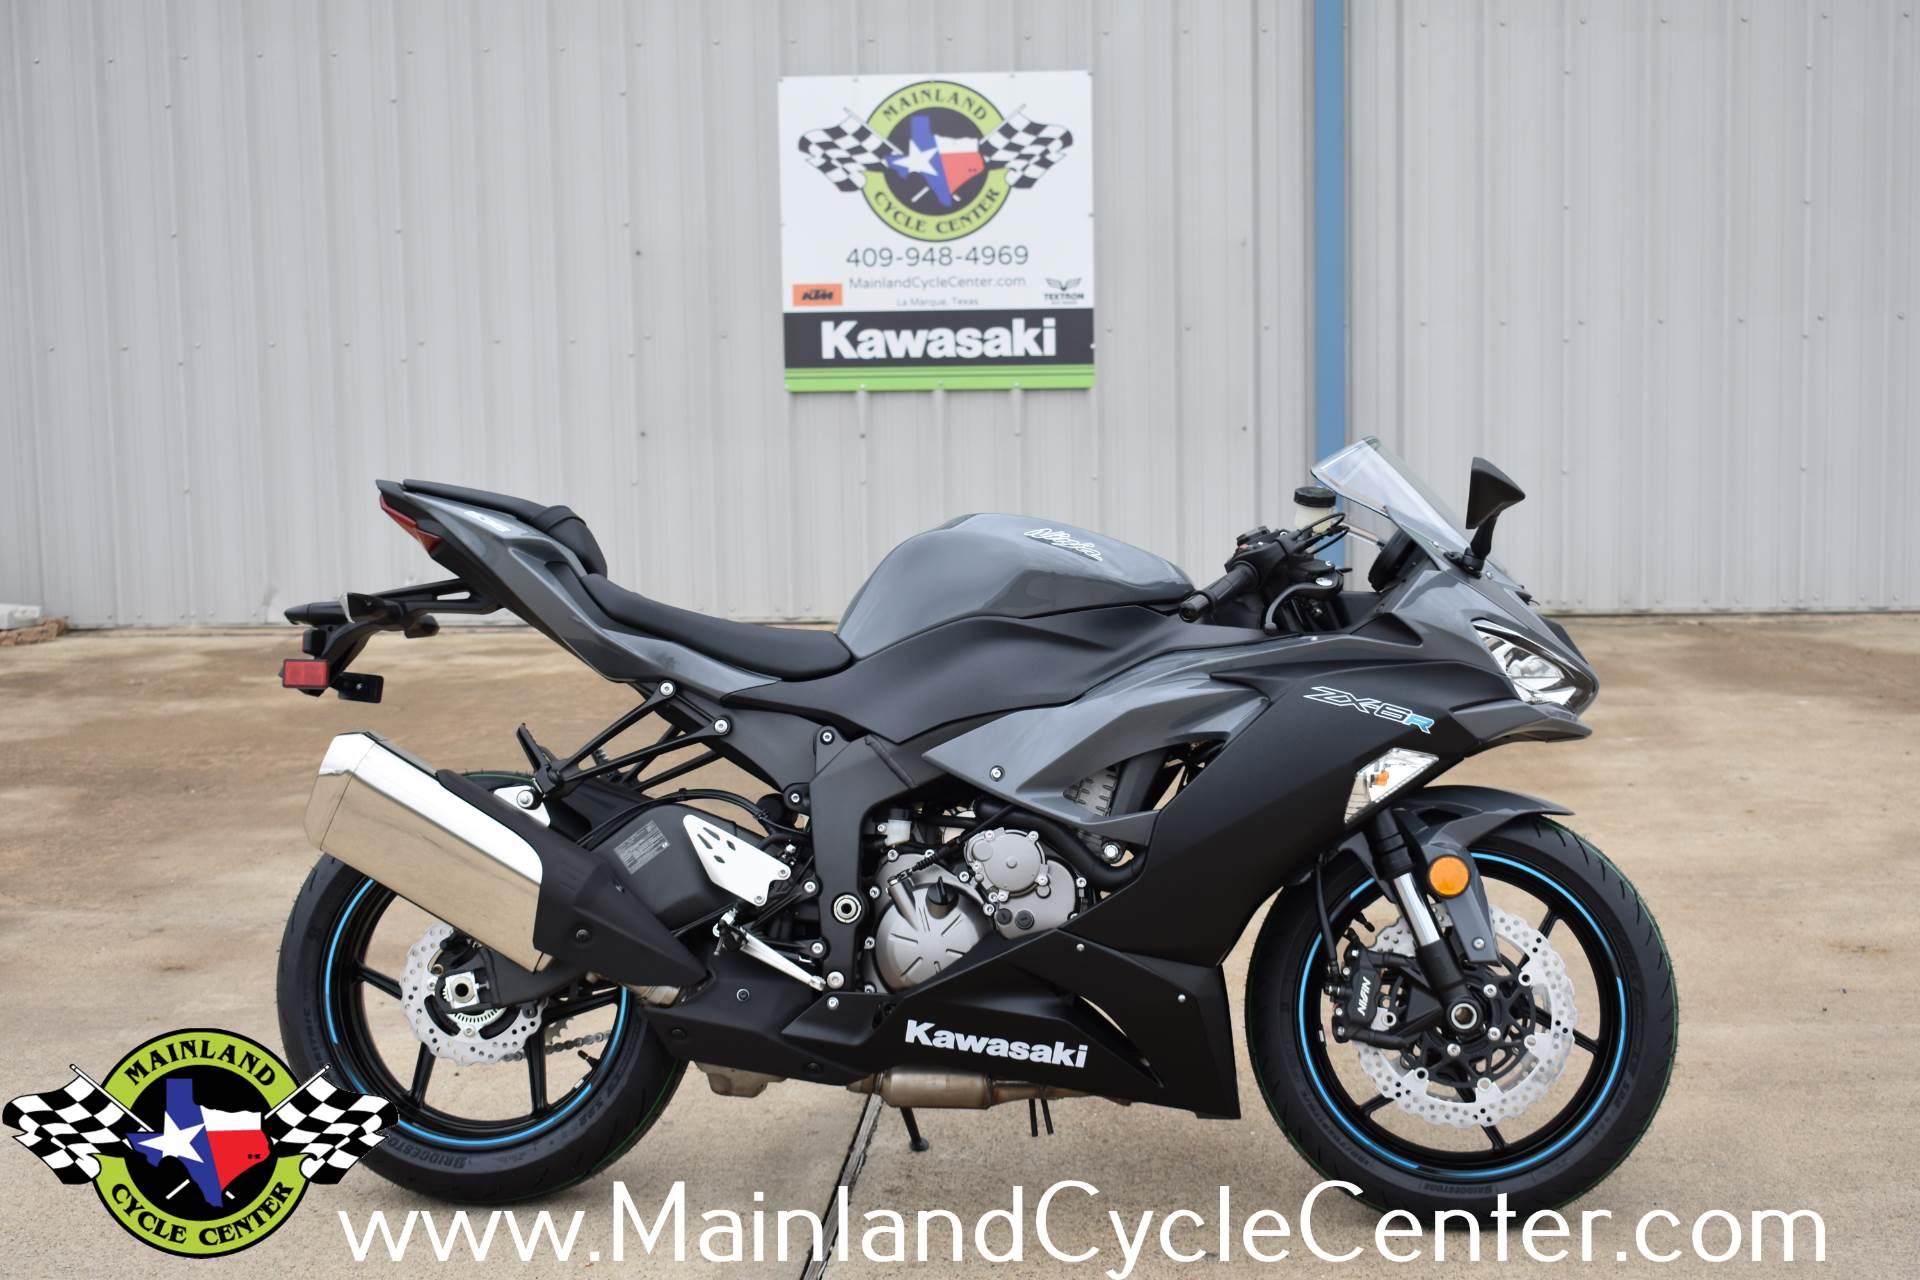 New 2019 Kawasaki Ninja Zx 6r Pearl Storm Gray Metallic Spark